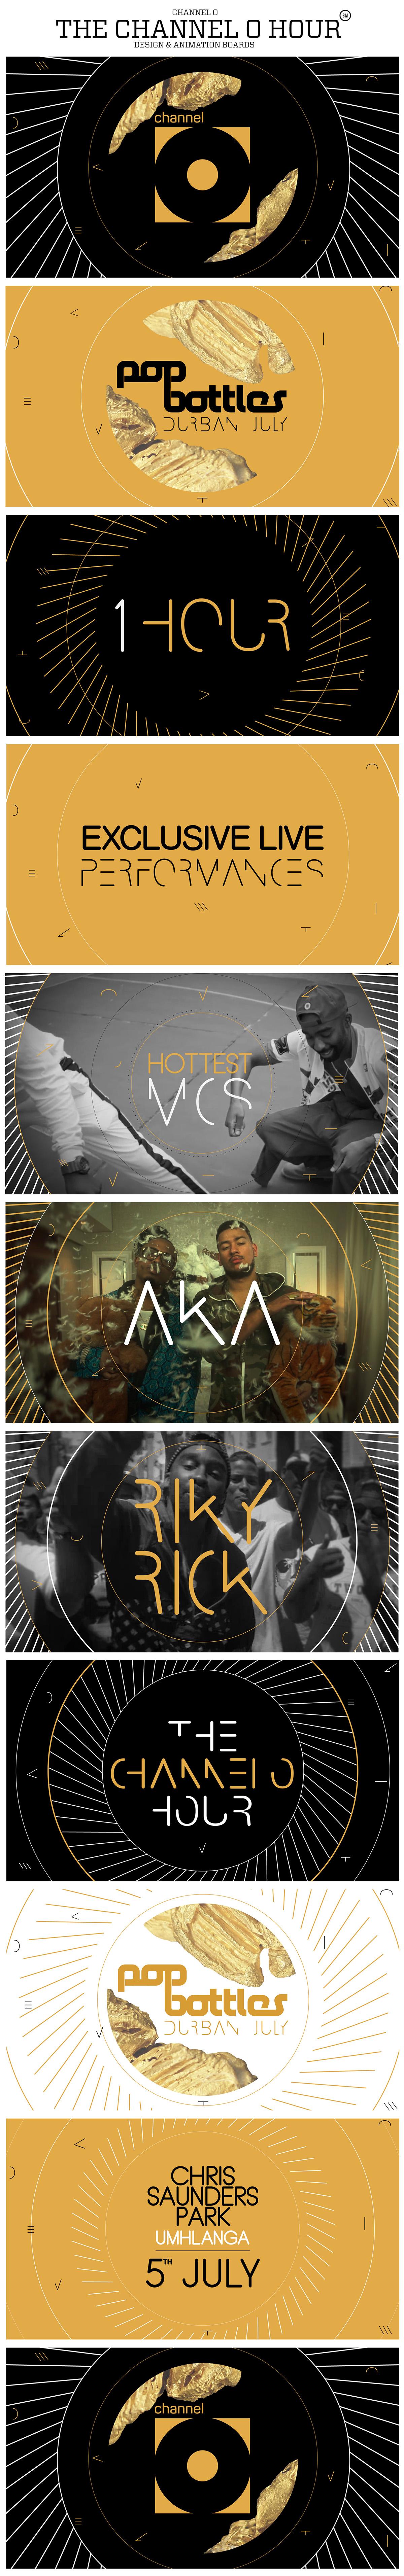 Channel O Ricky Rick AKA party birthmark gold dj hip hop